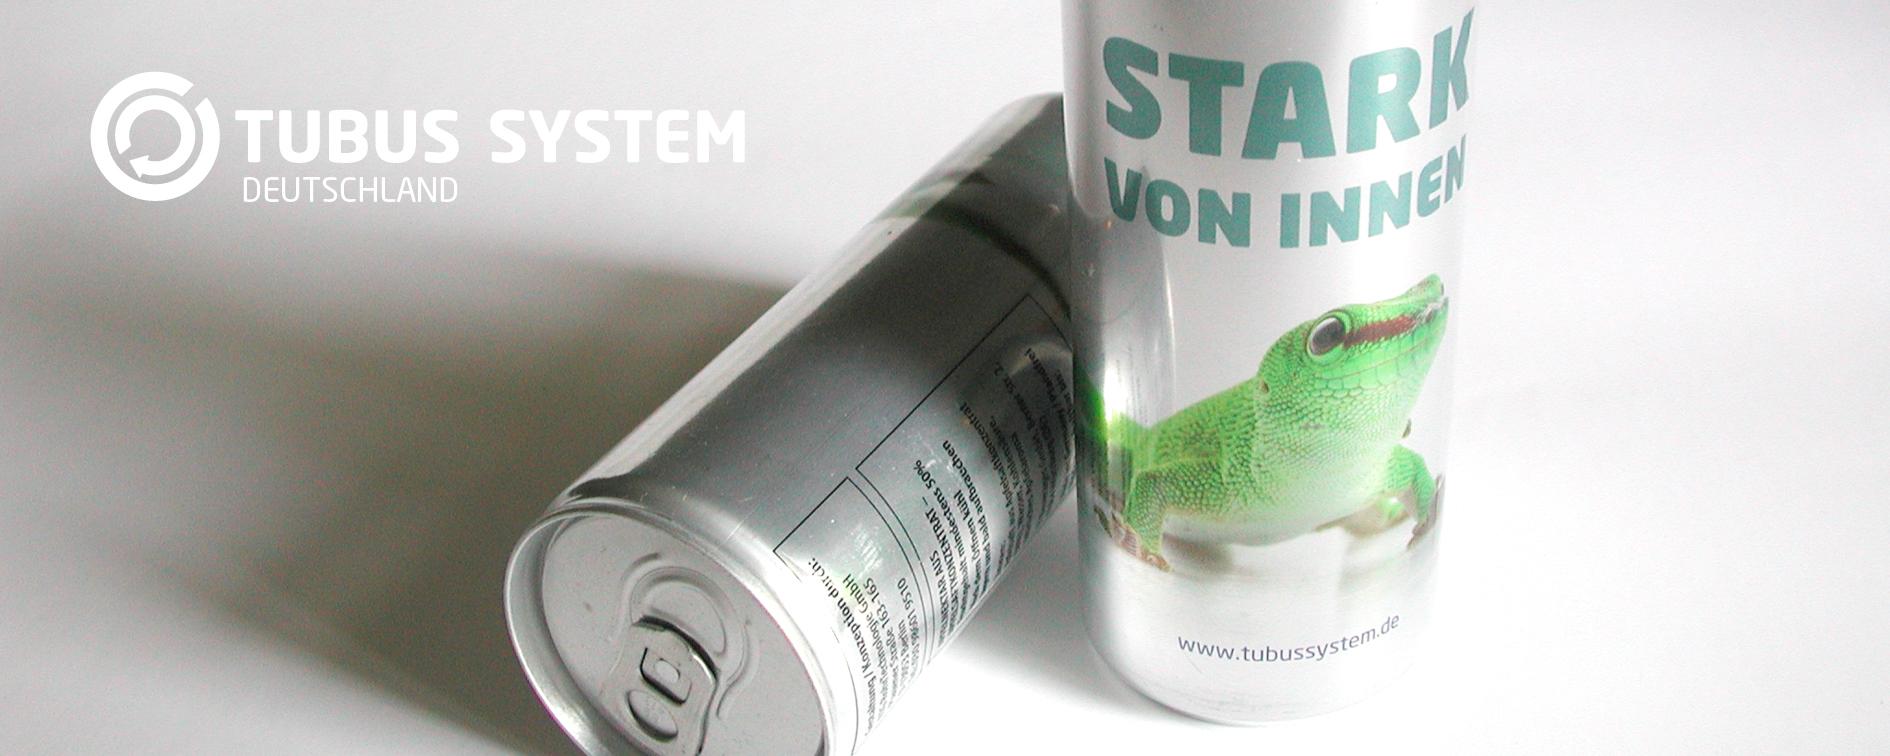 Permalink to:Tubus System Deutschland